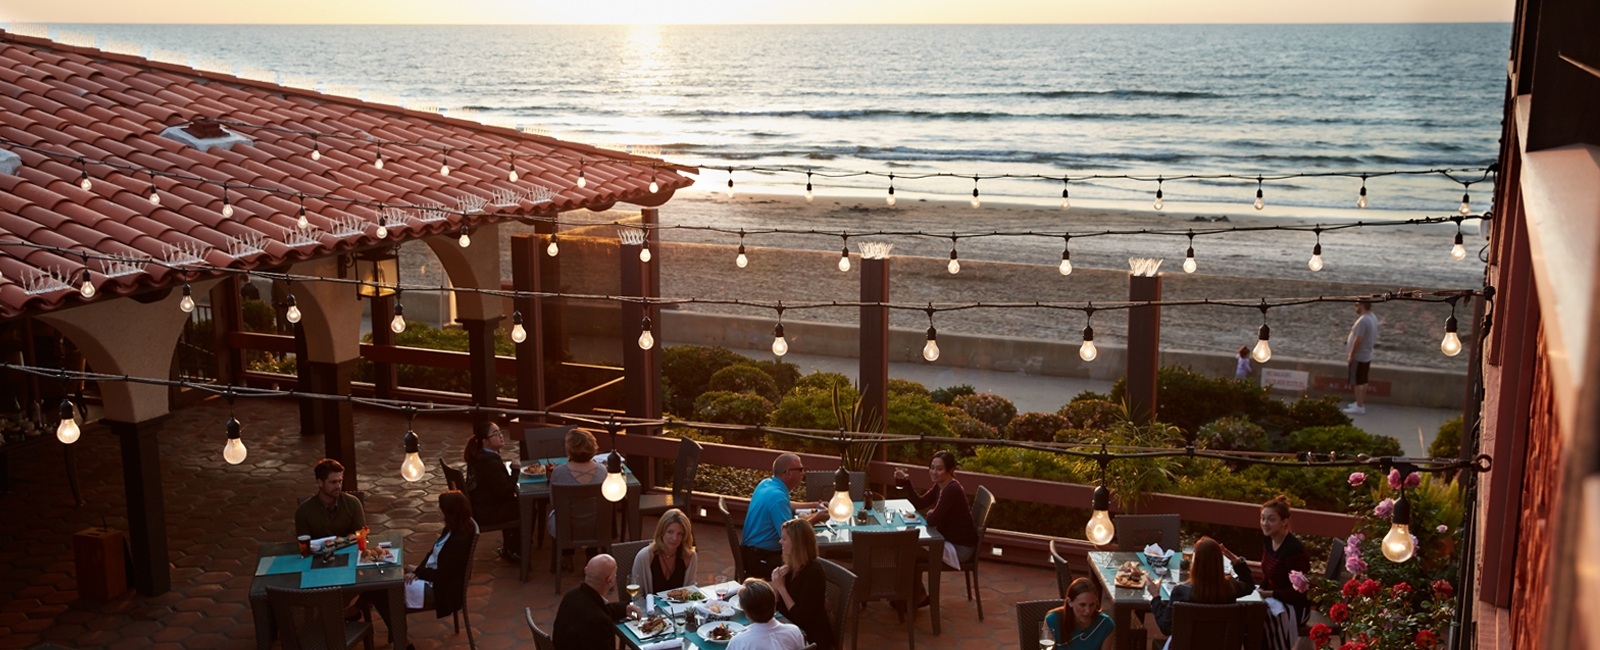 La Jolla Restaurant On The Beach